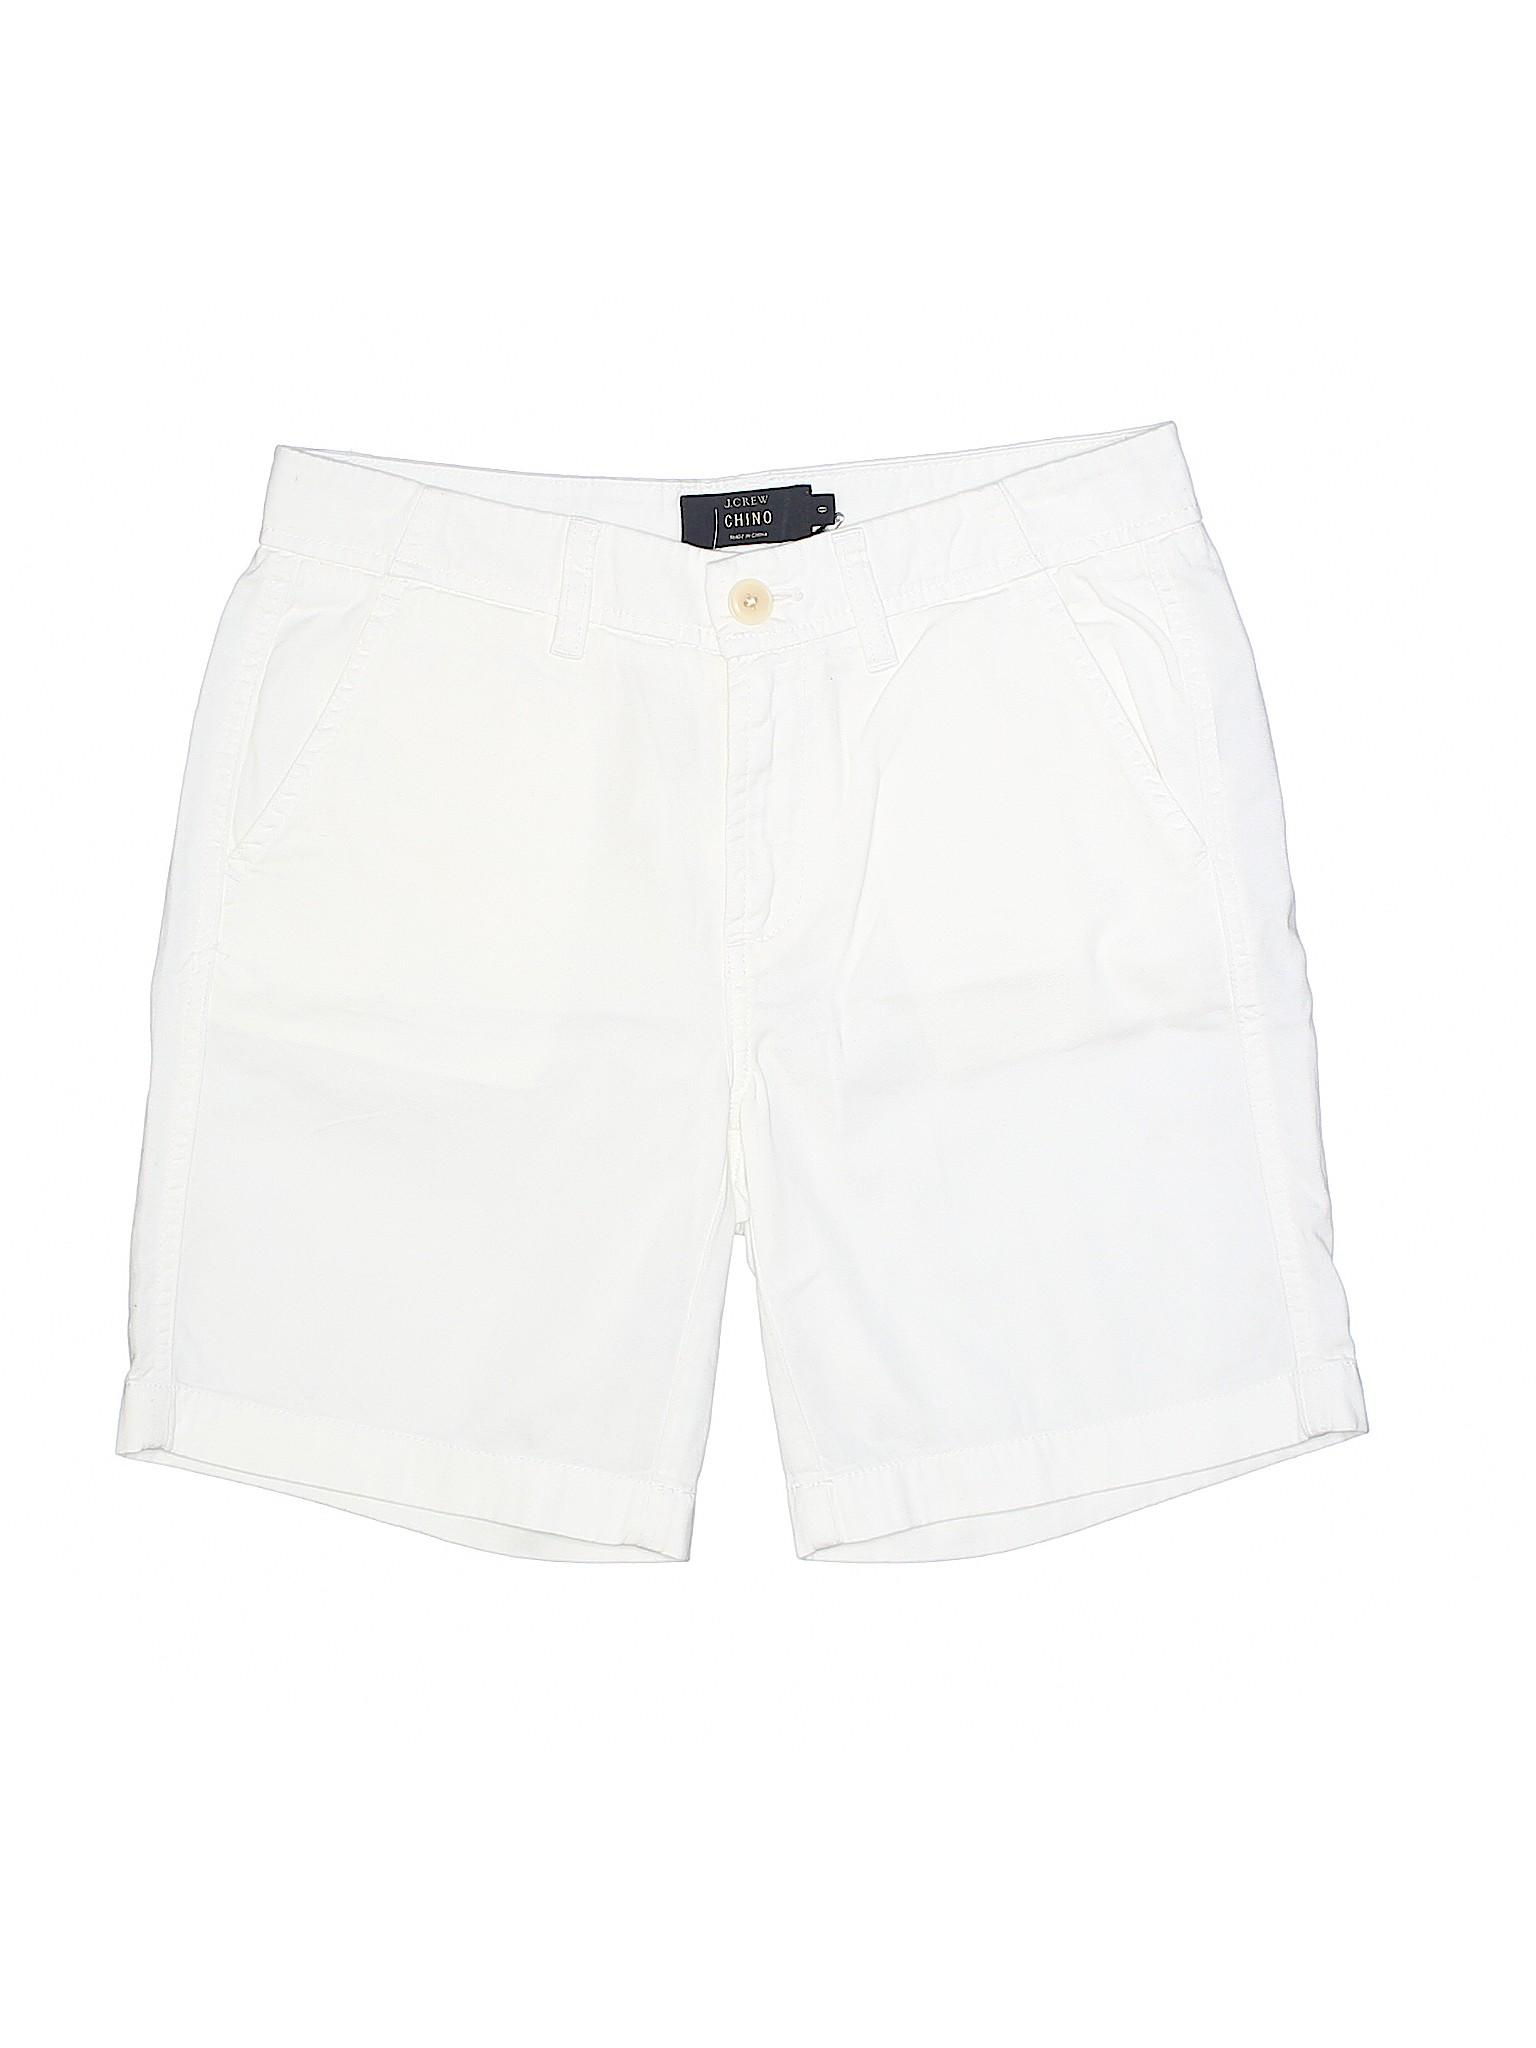 Shorts Khaki Boutique Boutique J Boutique Crew J Crew Shorts Khaki SEPTF